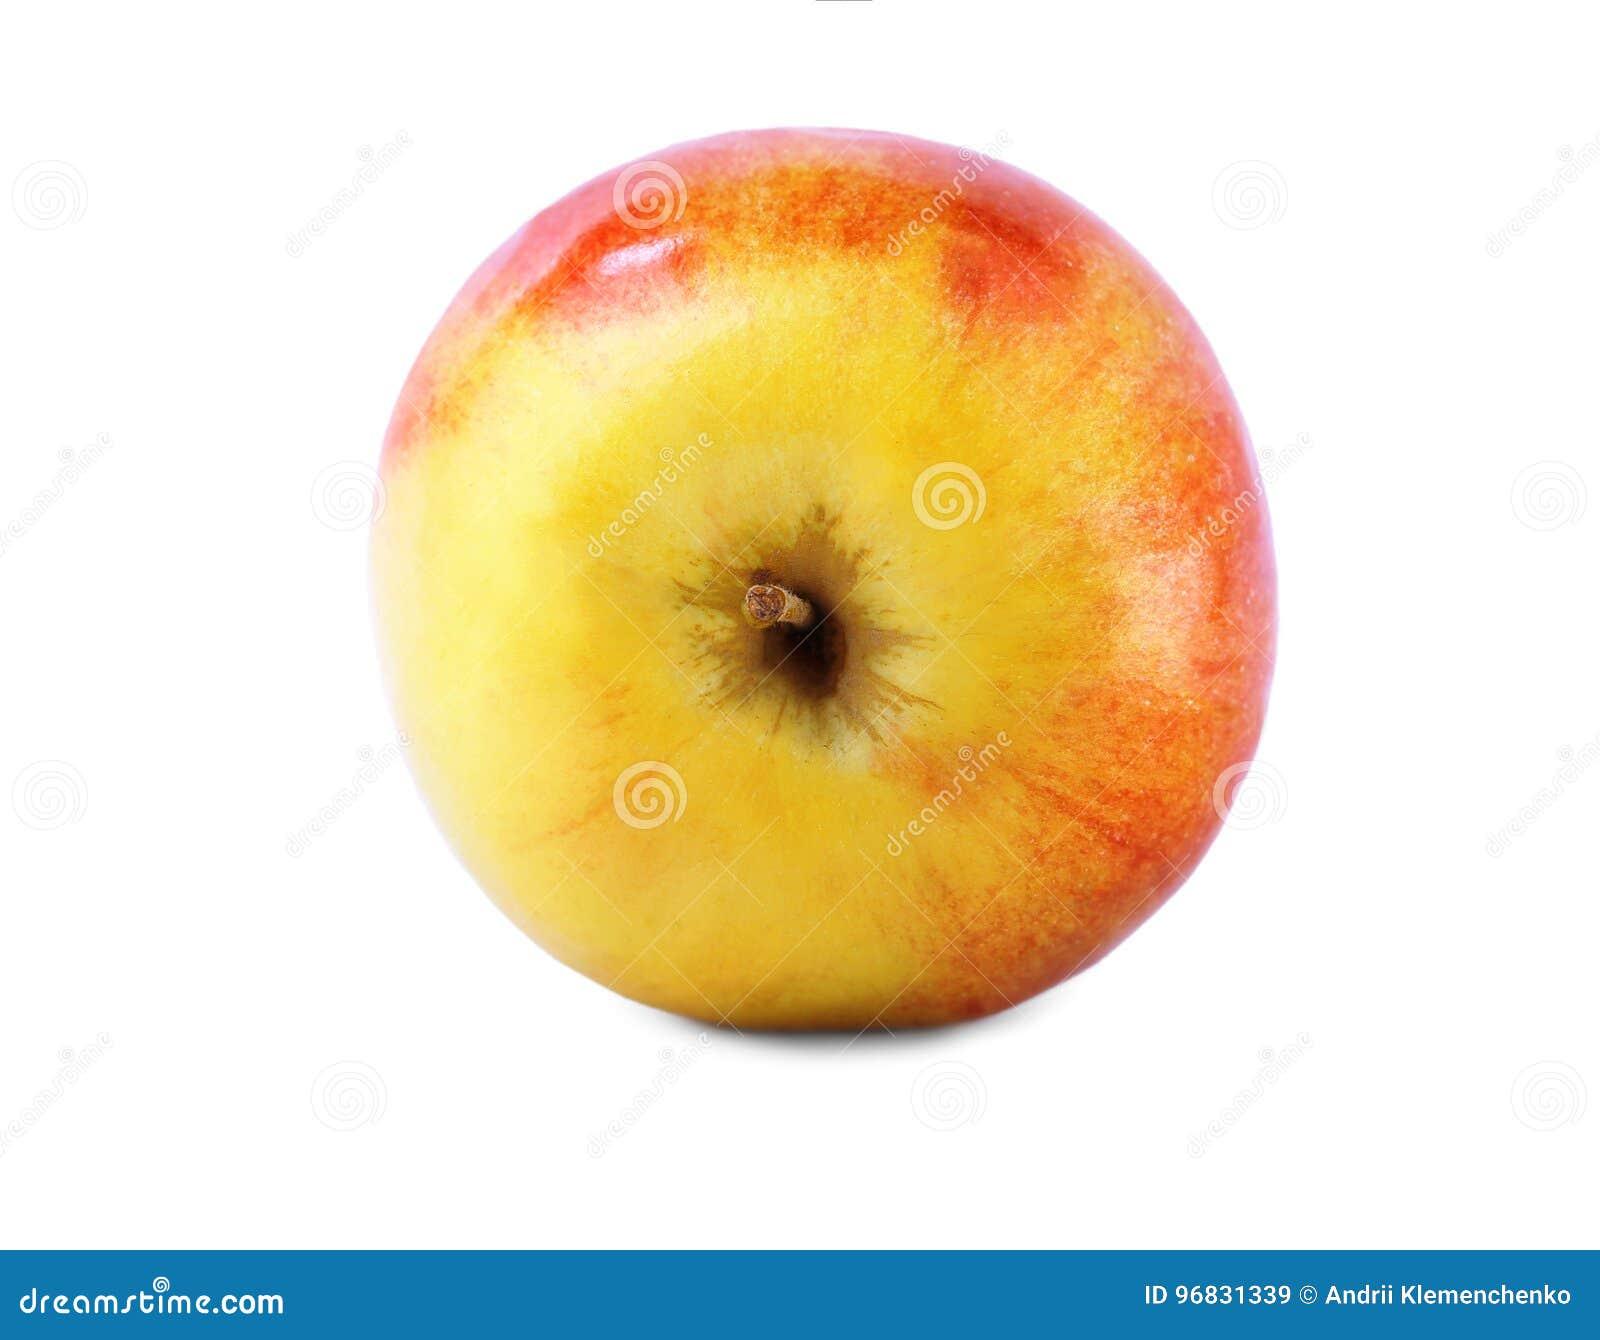 Um único close-up da maçã Uma maçã saboroso e crocante, isolada em um fundo branco A multi-colored healthful apple